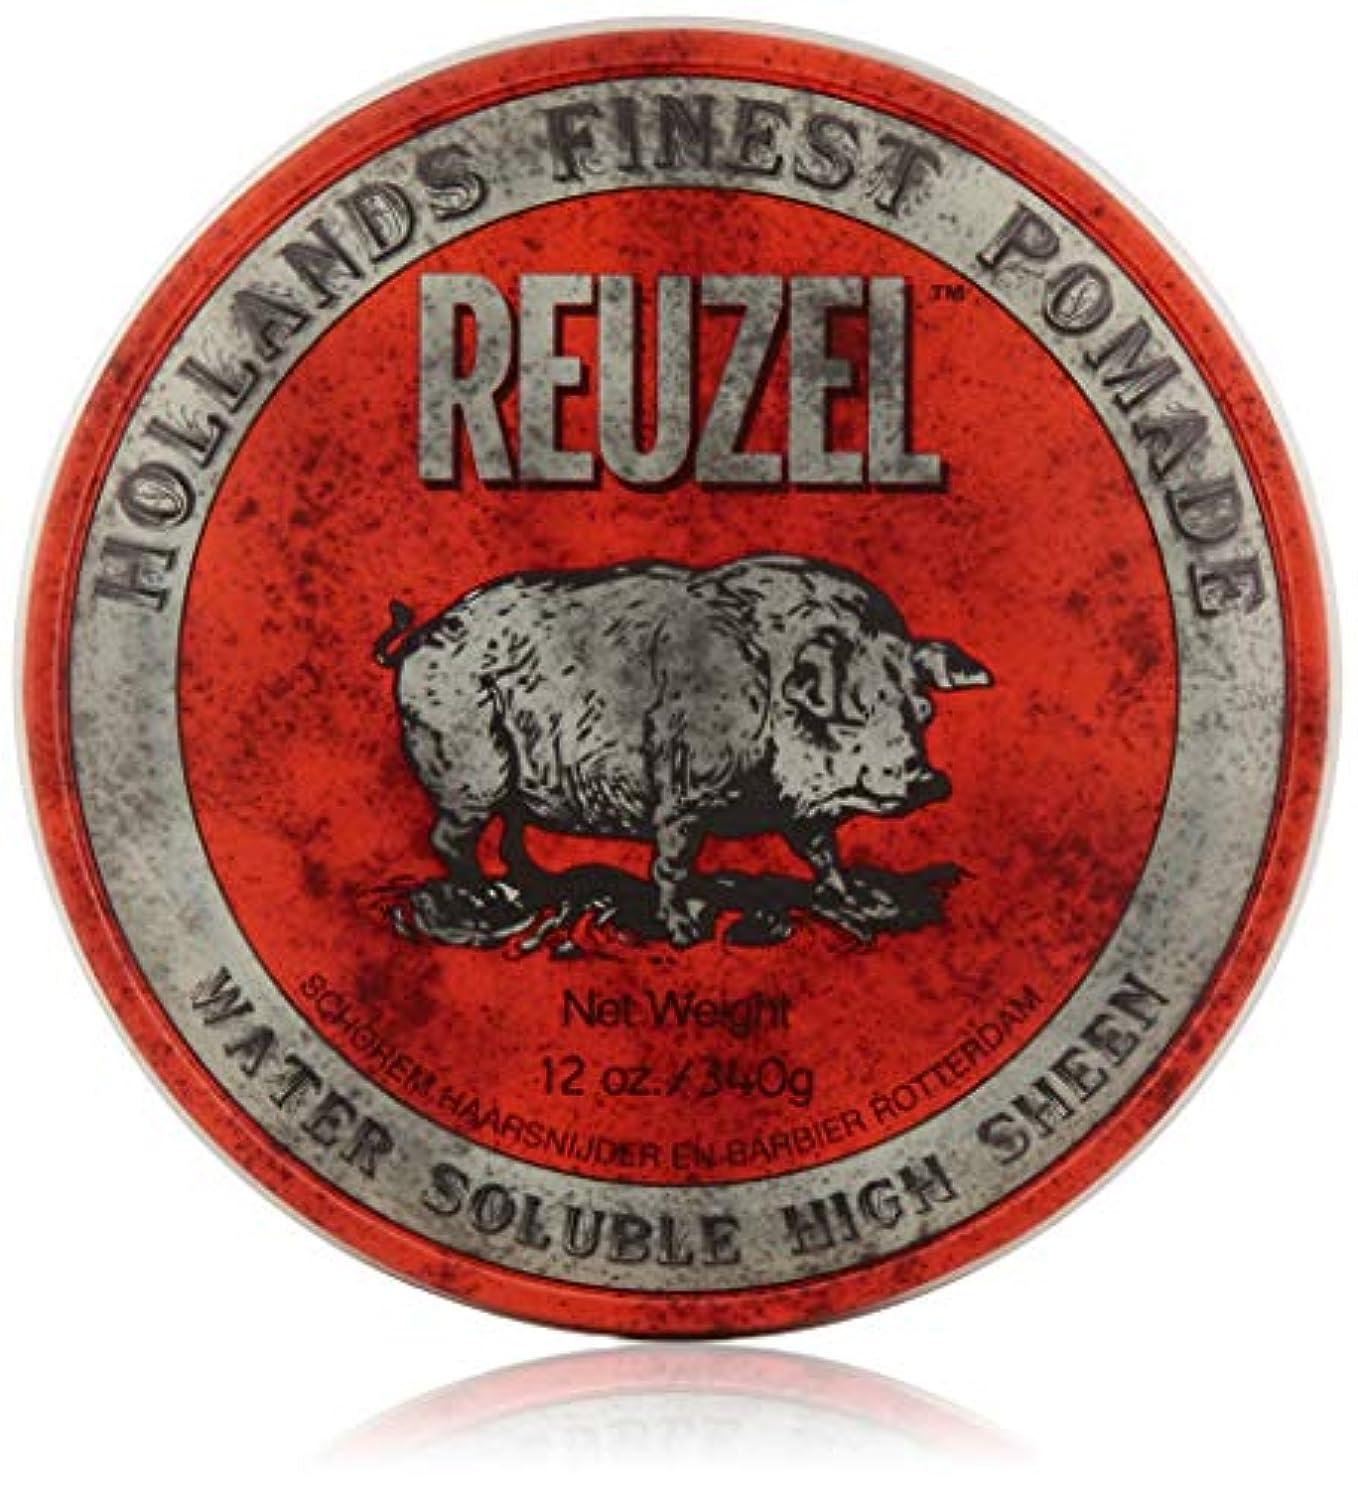 論争的不潔天井REUZEL Hair Pomade Hog, Red, 12 oz by REUZEL